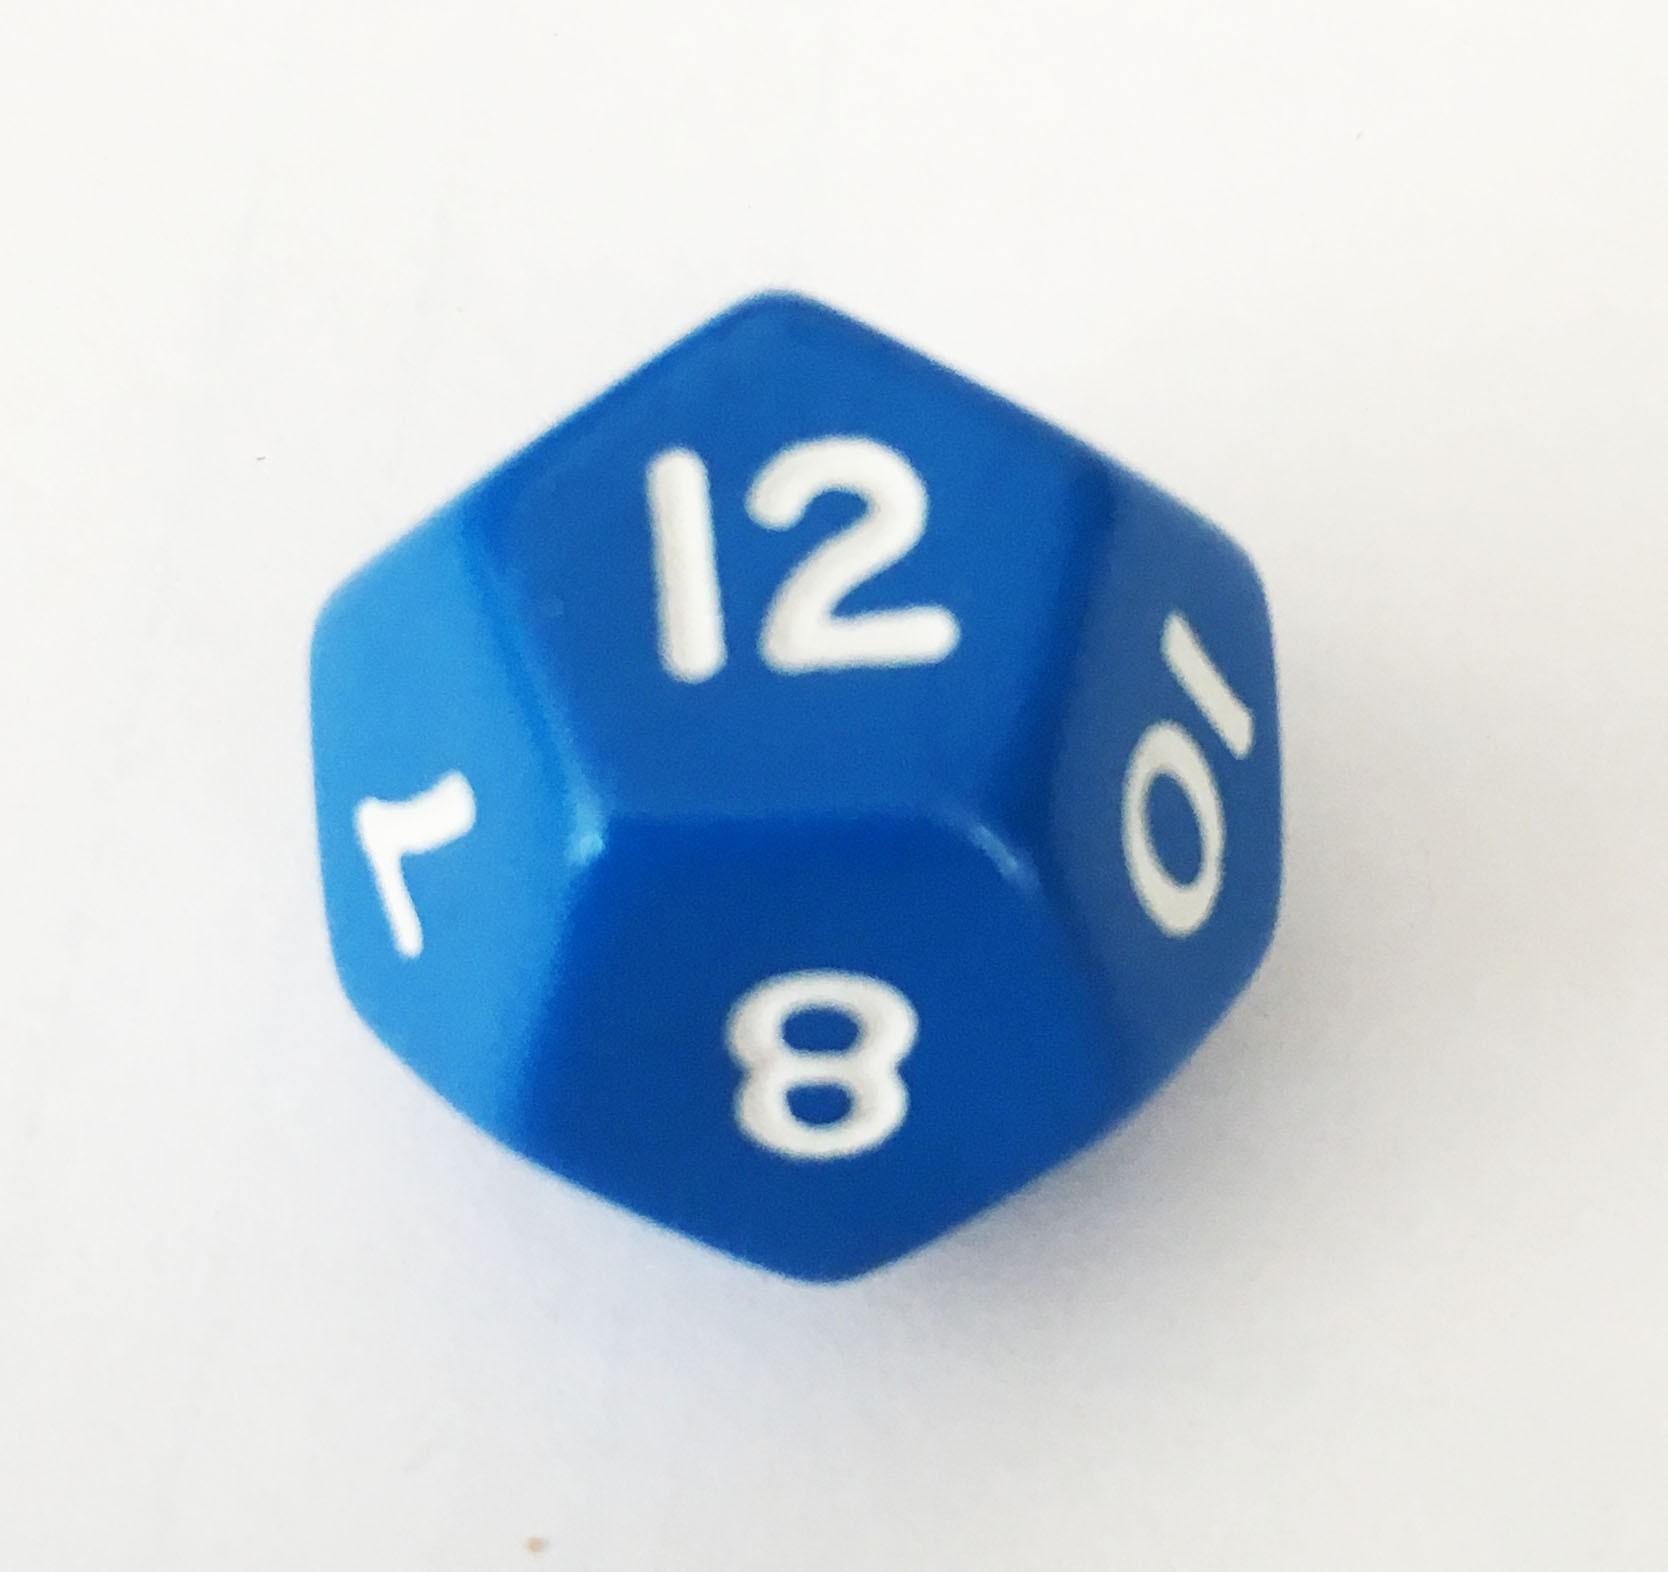 D12 - Twelve Sided Single Die